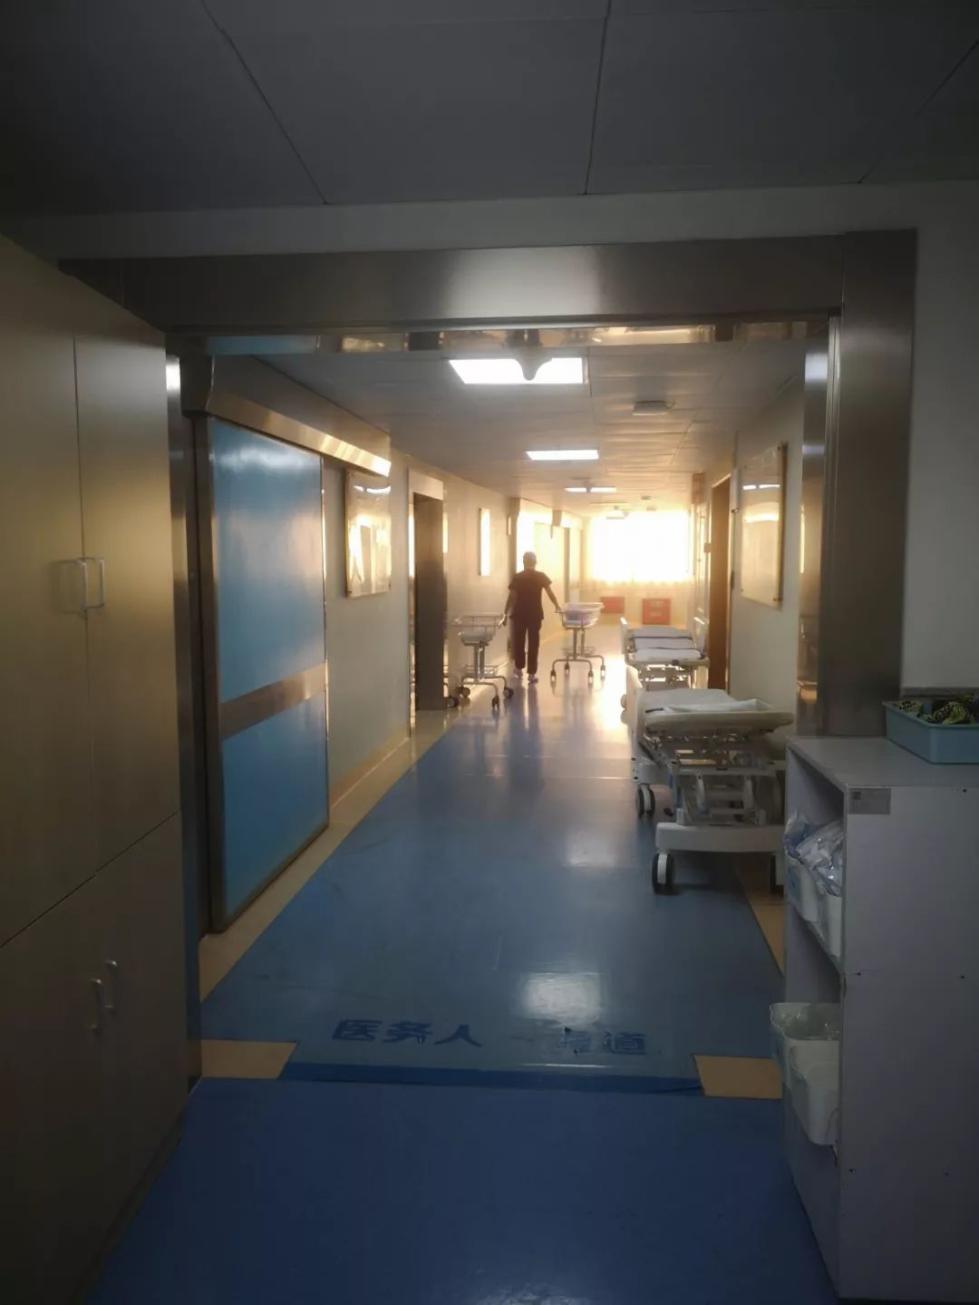 腹中胎儿快窒息了, 浙江产妇竟拒绝手术! 原因惊呆